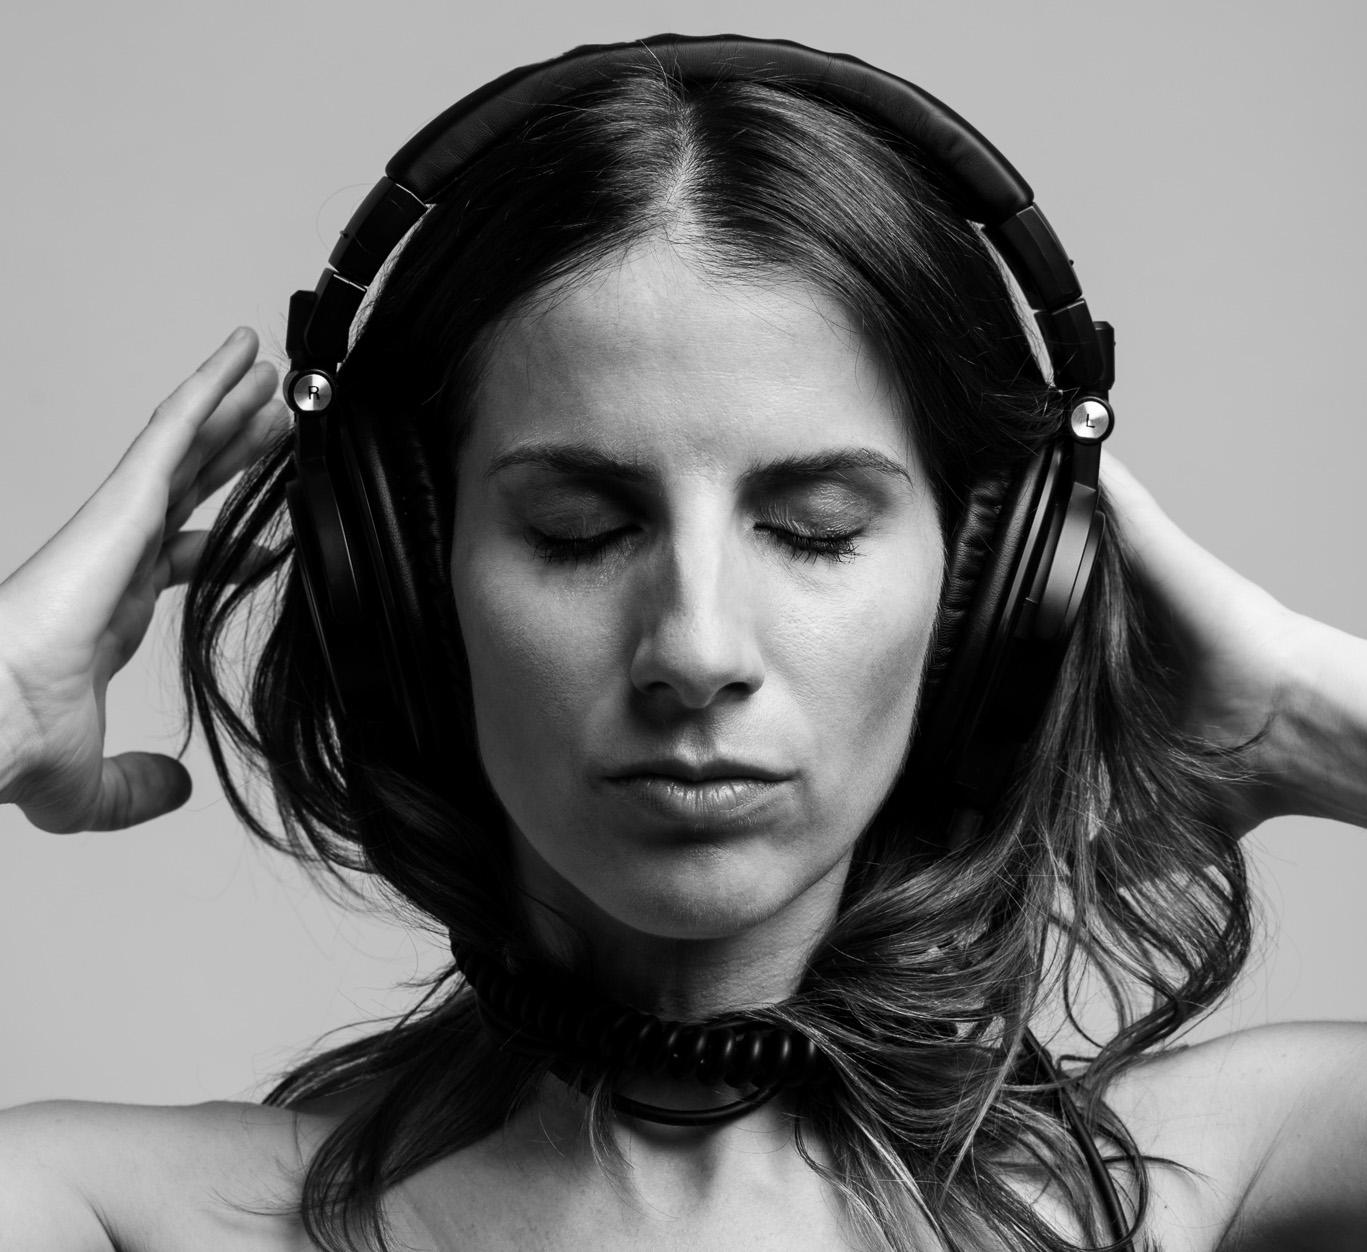 Erin_headphones_website.jpg